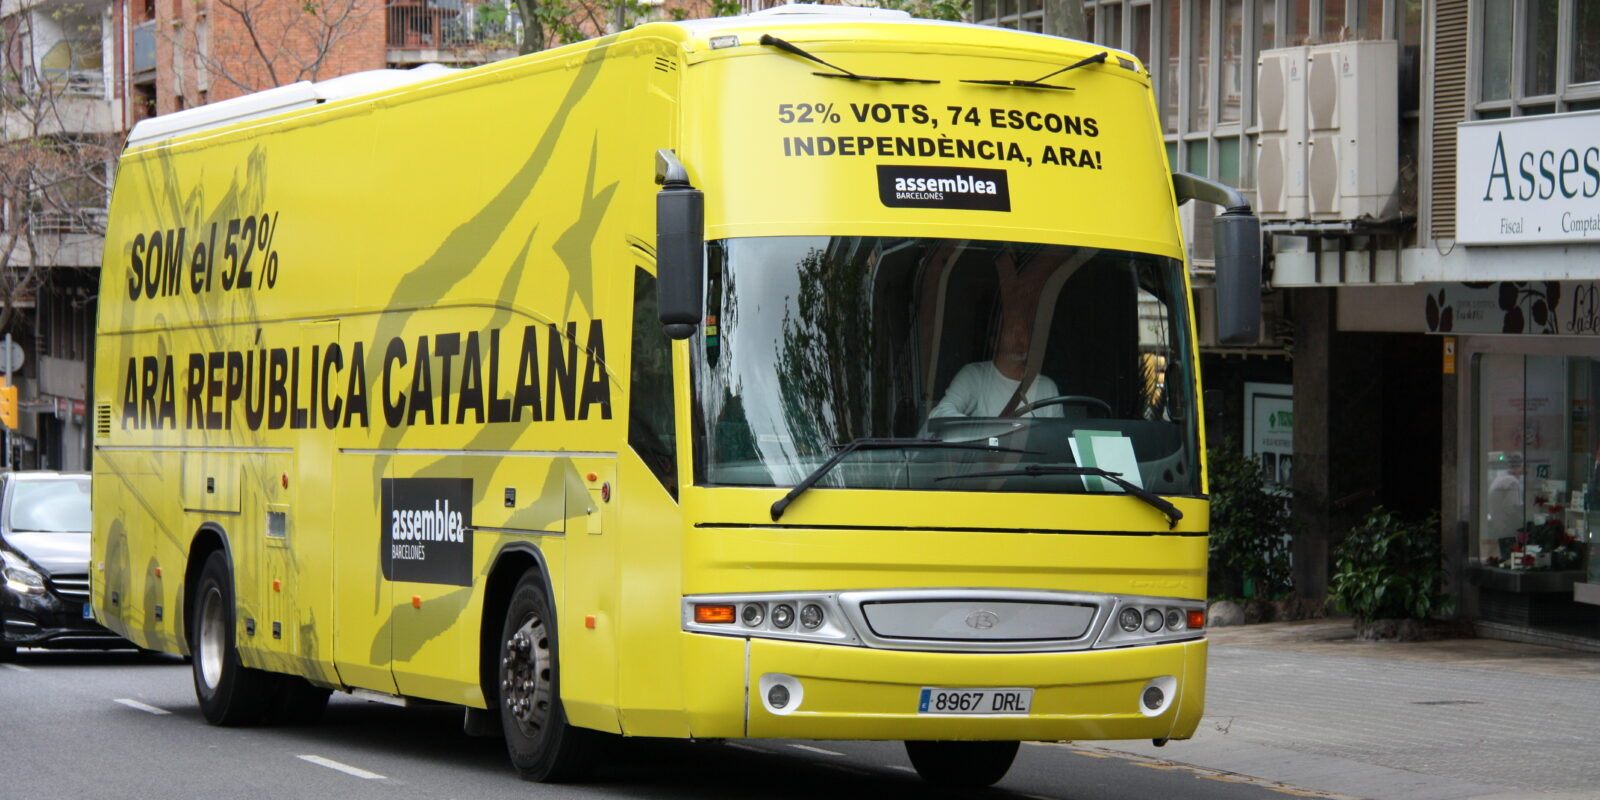 El 'Bus per la independència' impulsat per l'ANC, en circulació / ACN